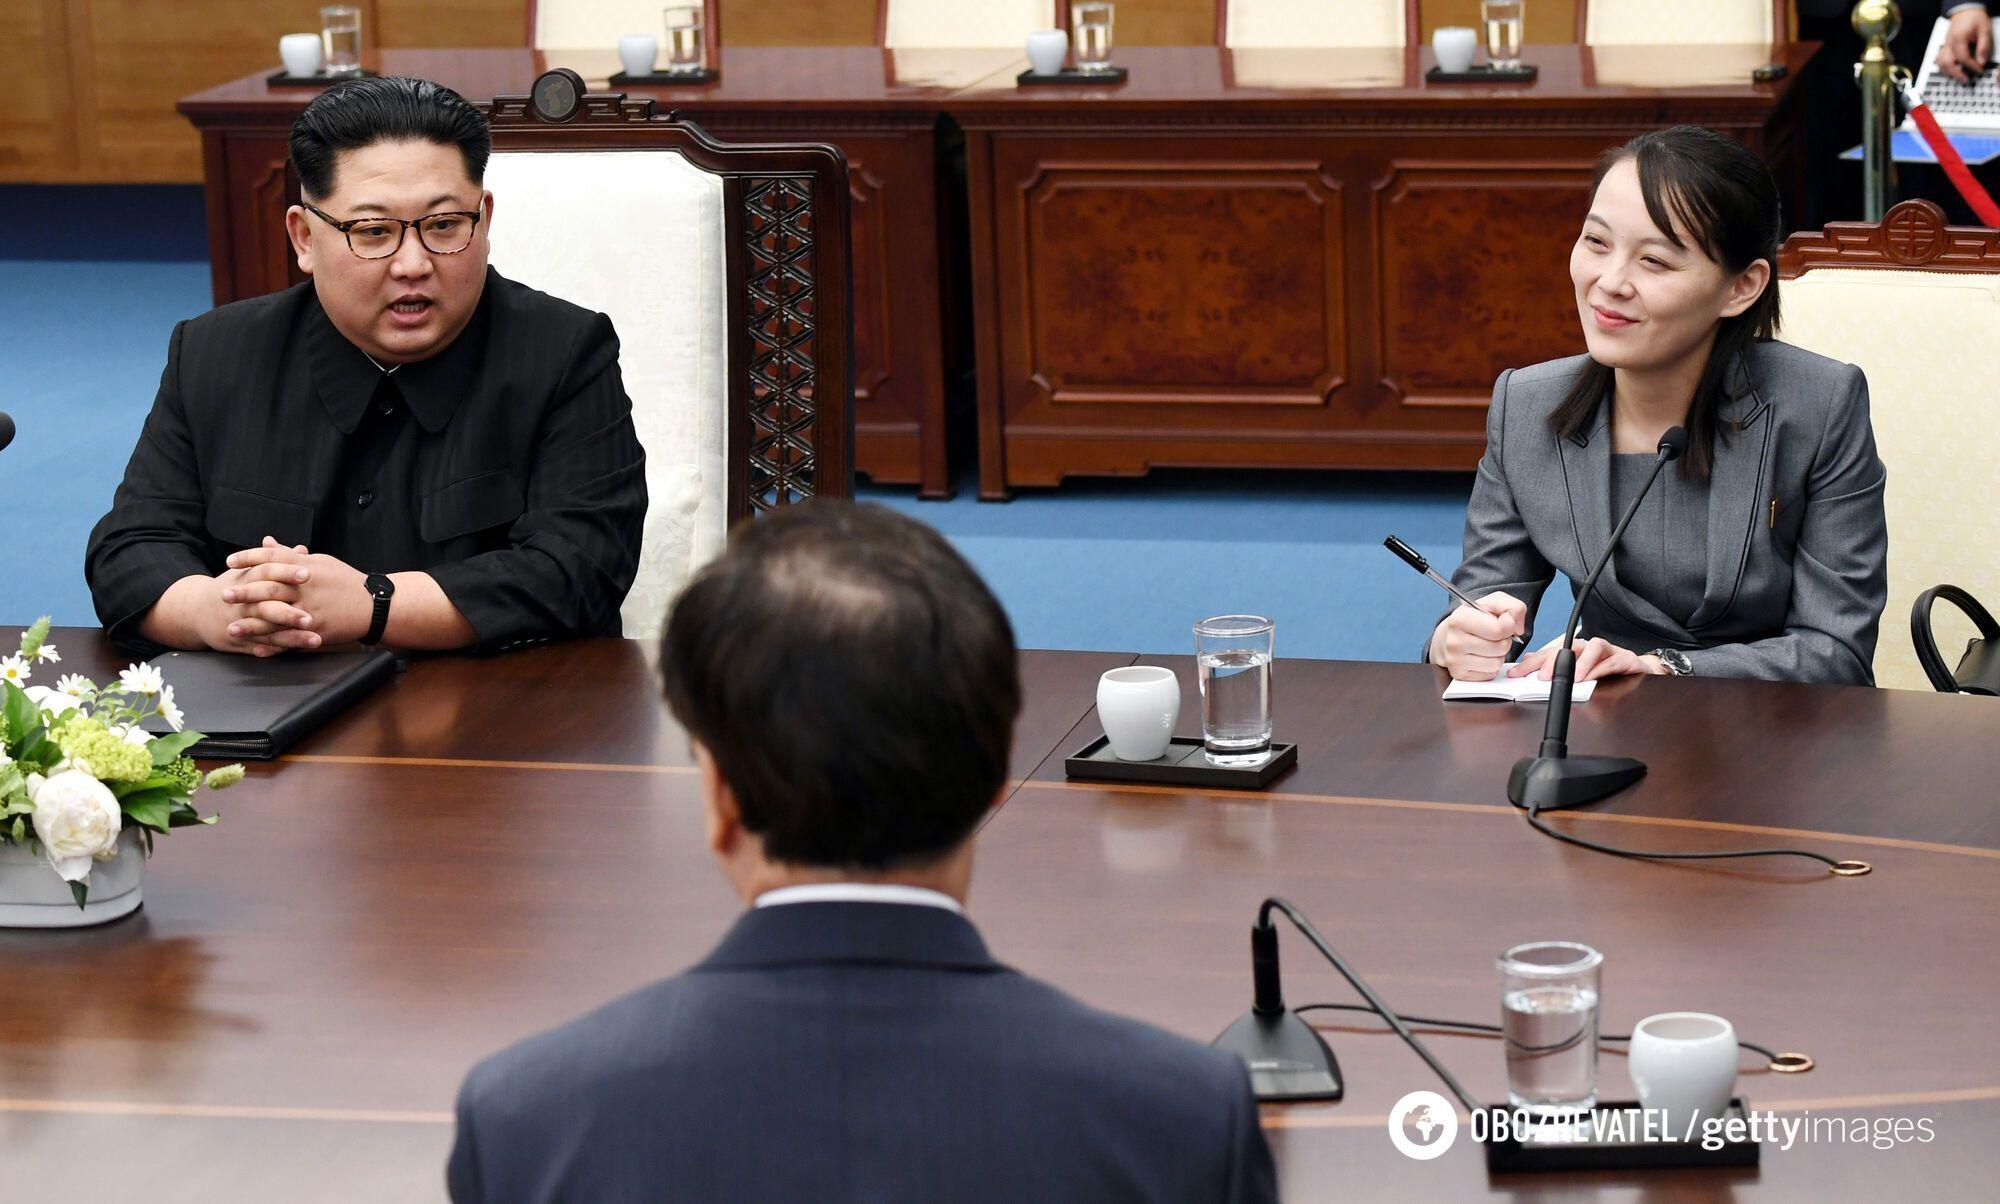 Ким Чен Ын и Ким Е Чжон на межкорейском саммите в Доме мира 27 апреля 2018 года в Пханмунджоме, Южная Корея